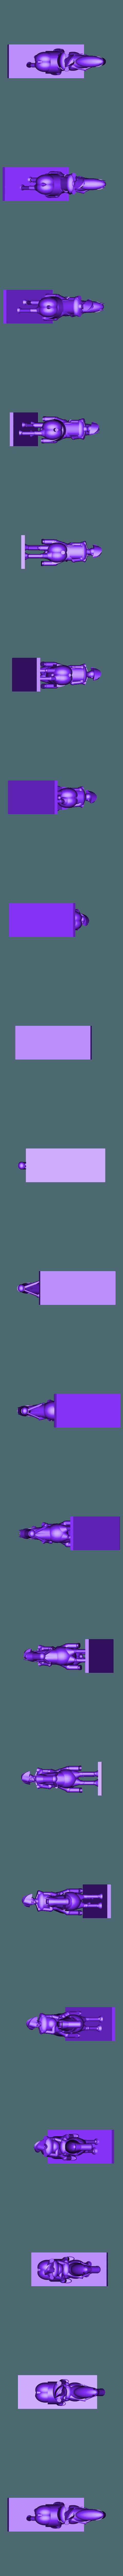 napol1.stl Télécharger fichier STL gratuit Napoléonien - Partie 5 - Napoléon Bonaparte • Modèle imprimable en 3D, Earsling